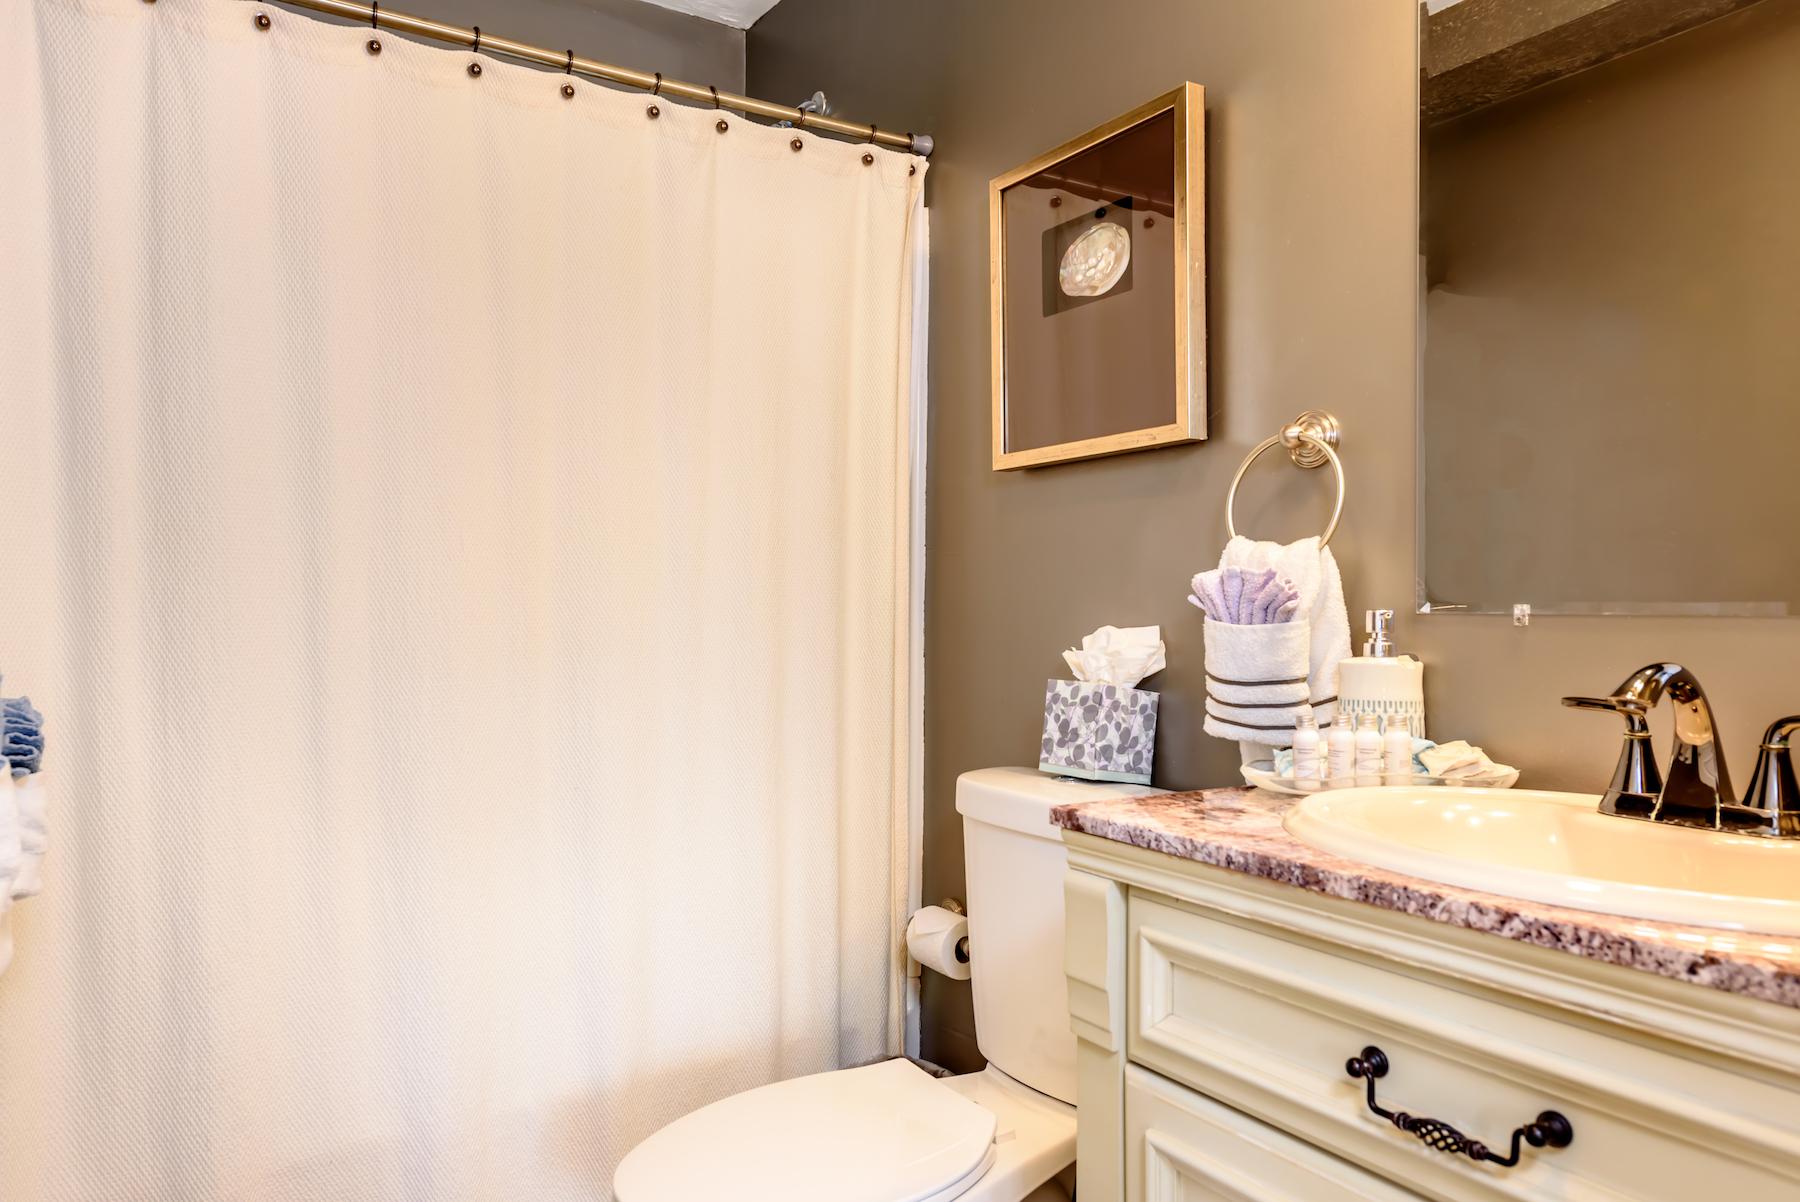 Inn-Room-15-and-Bathroom-20180316-048-1